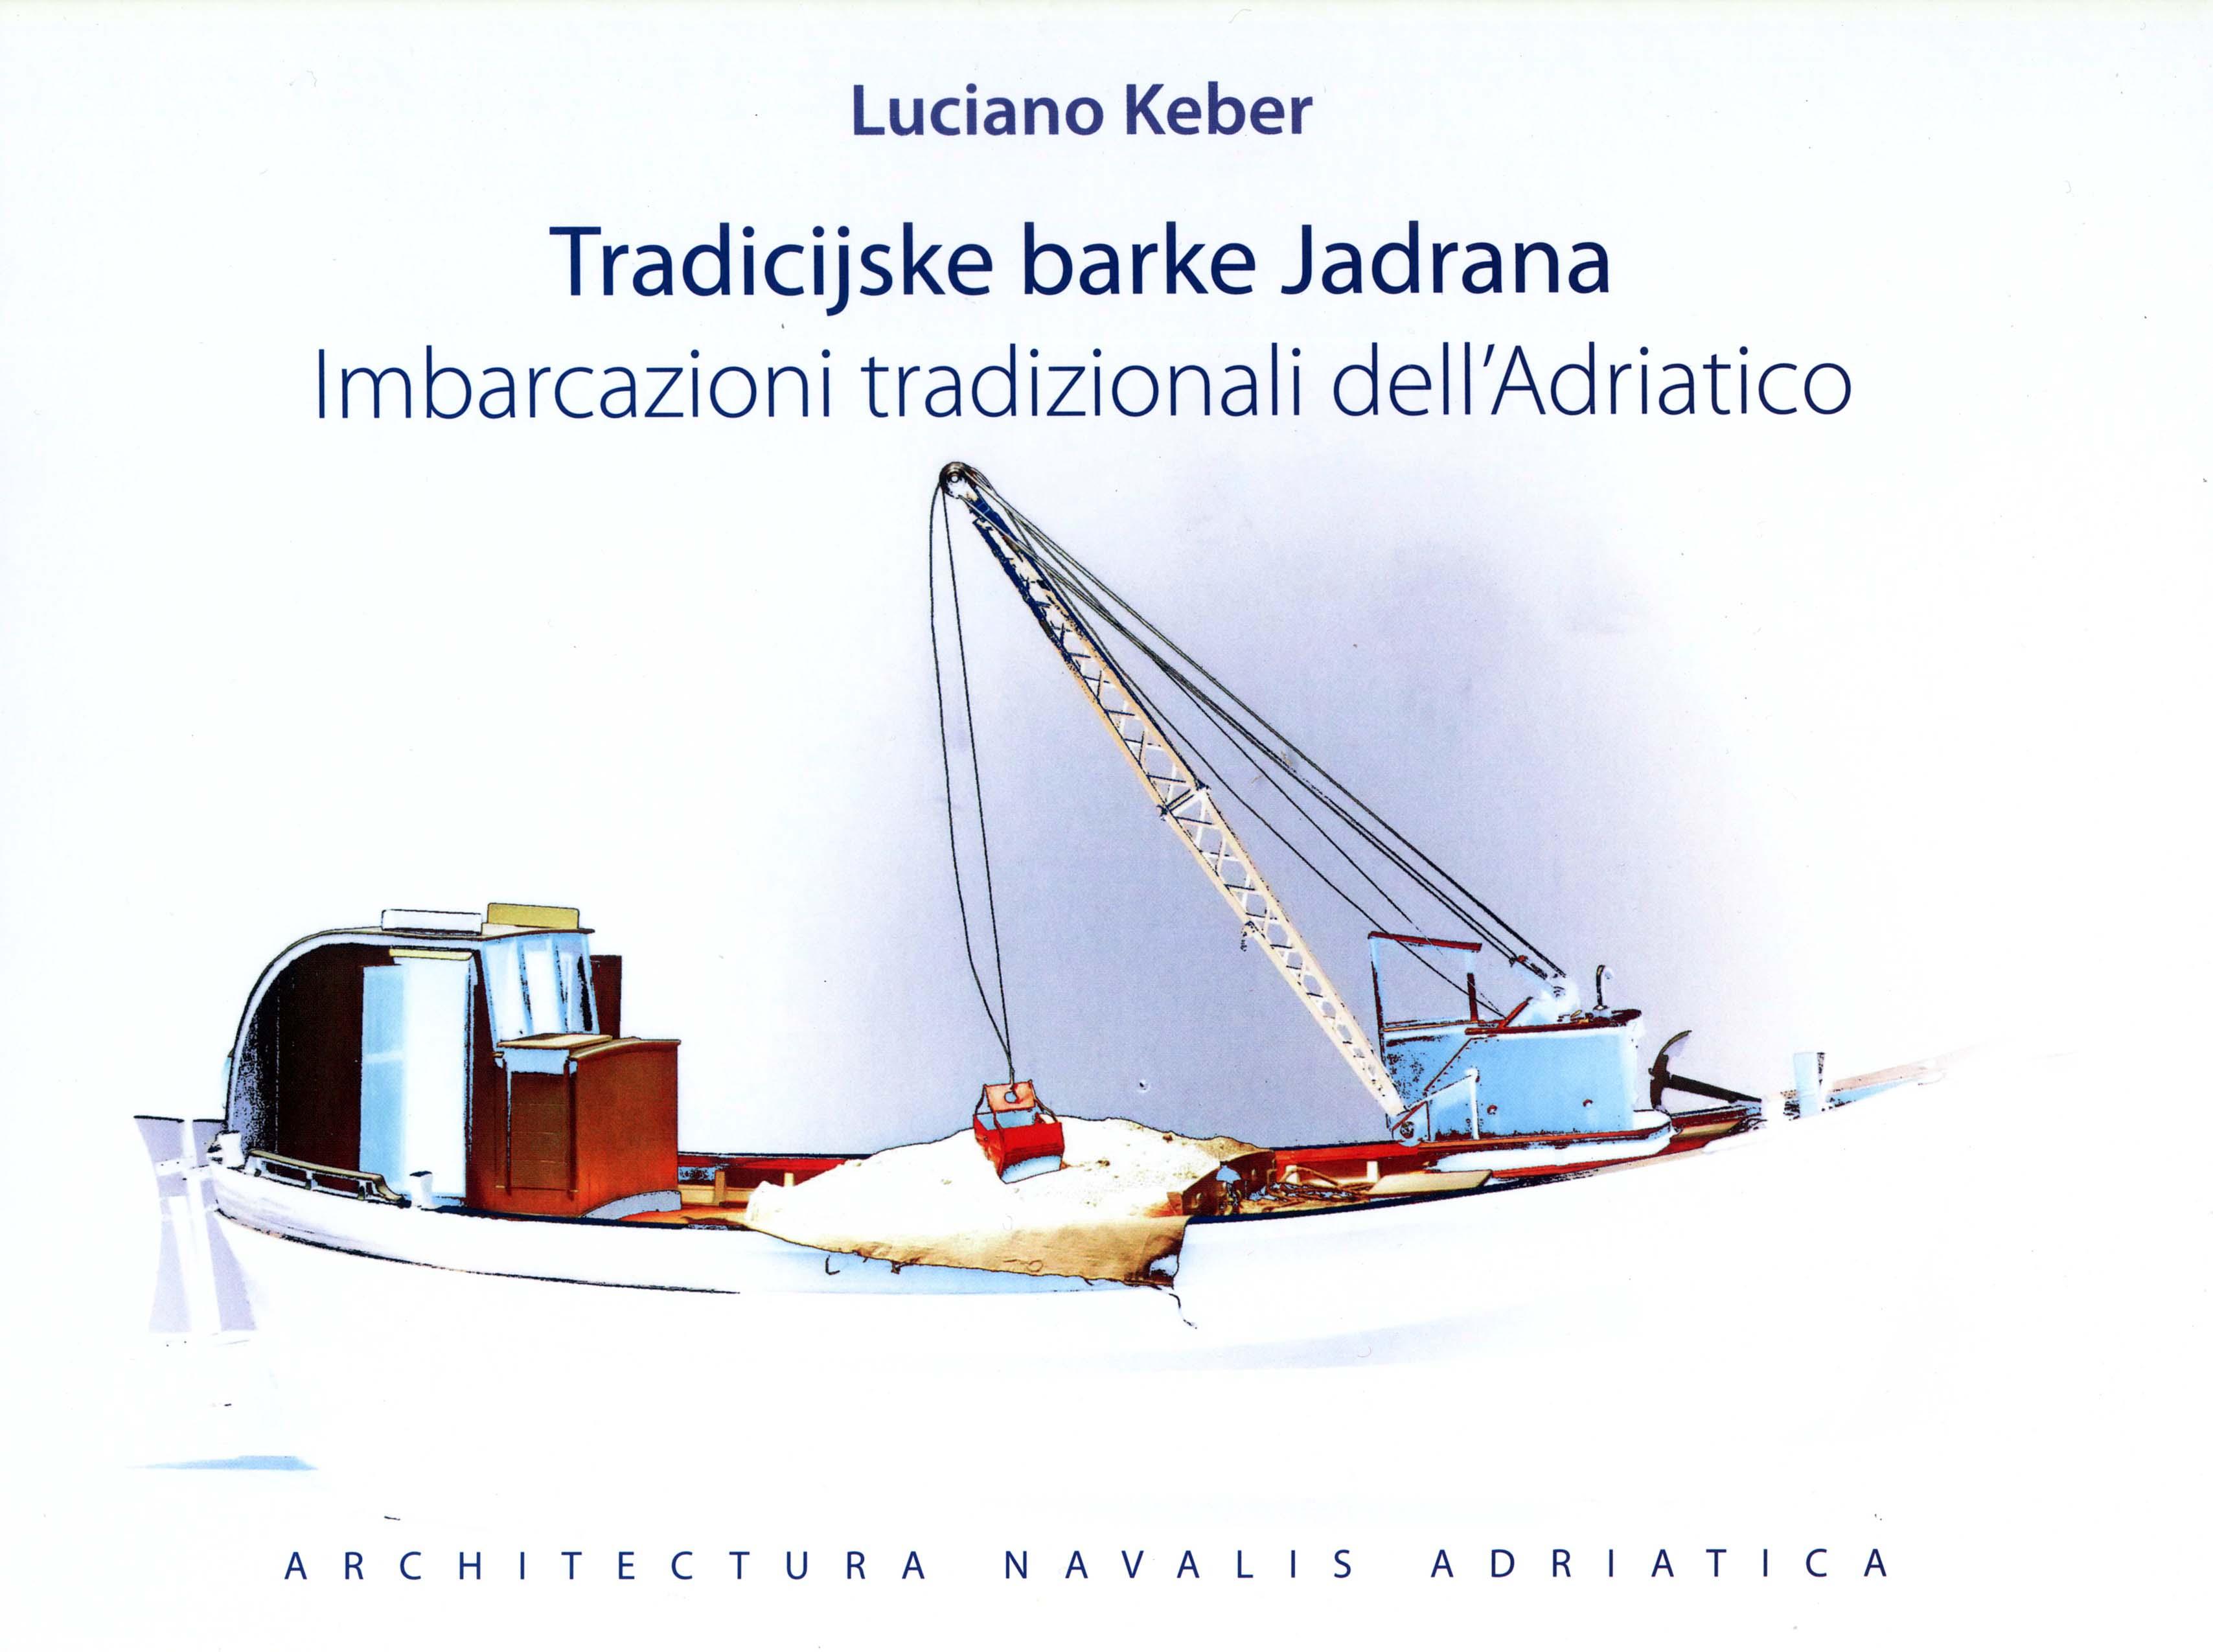 TRADICIJSKE BARKE JADRANA